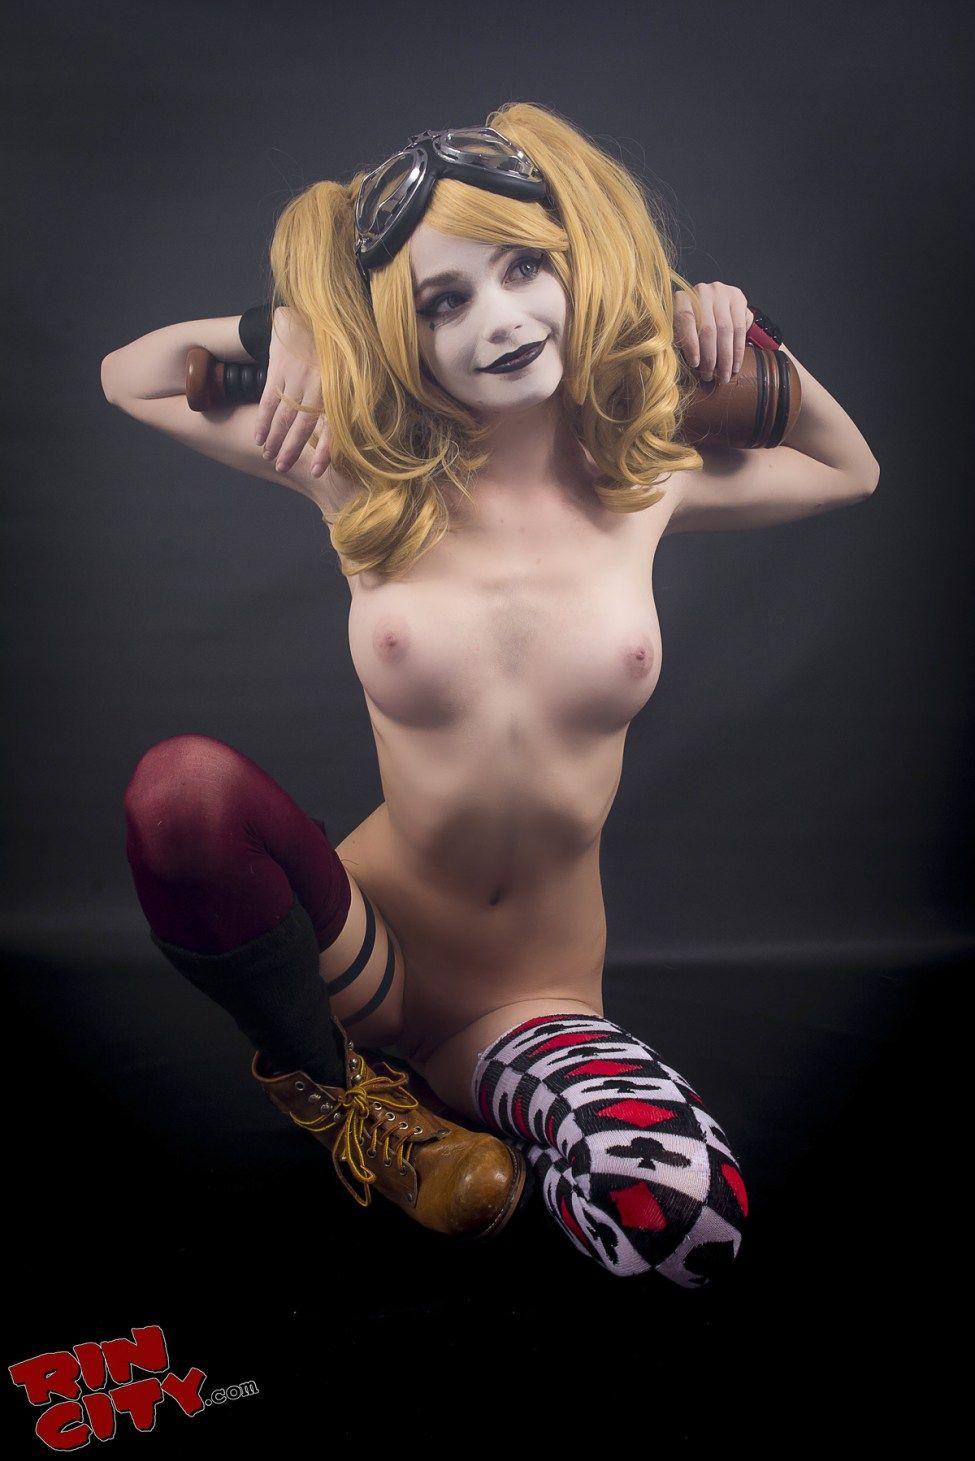 naked Harley quinn